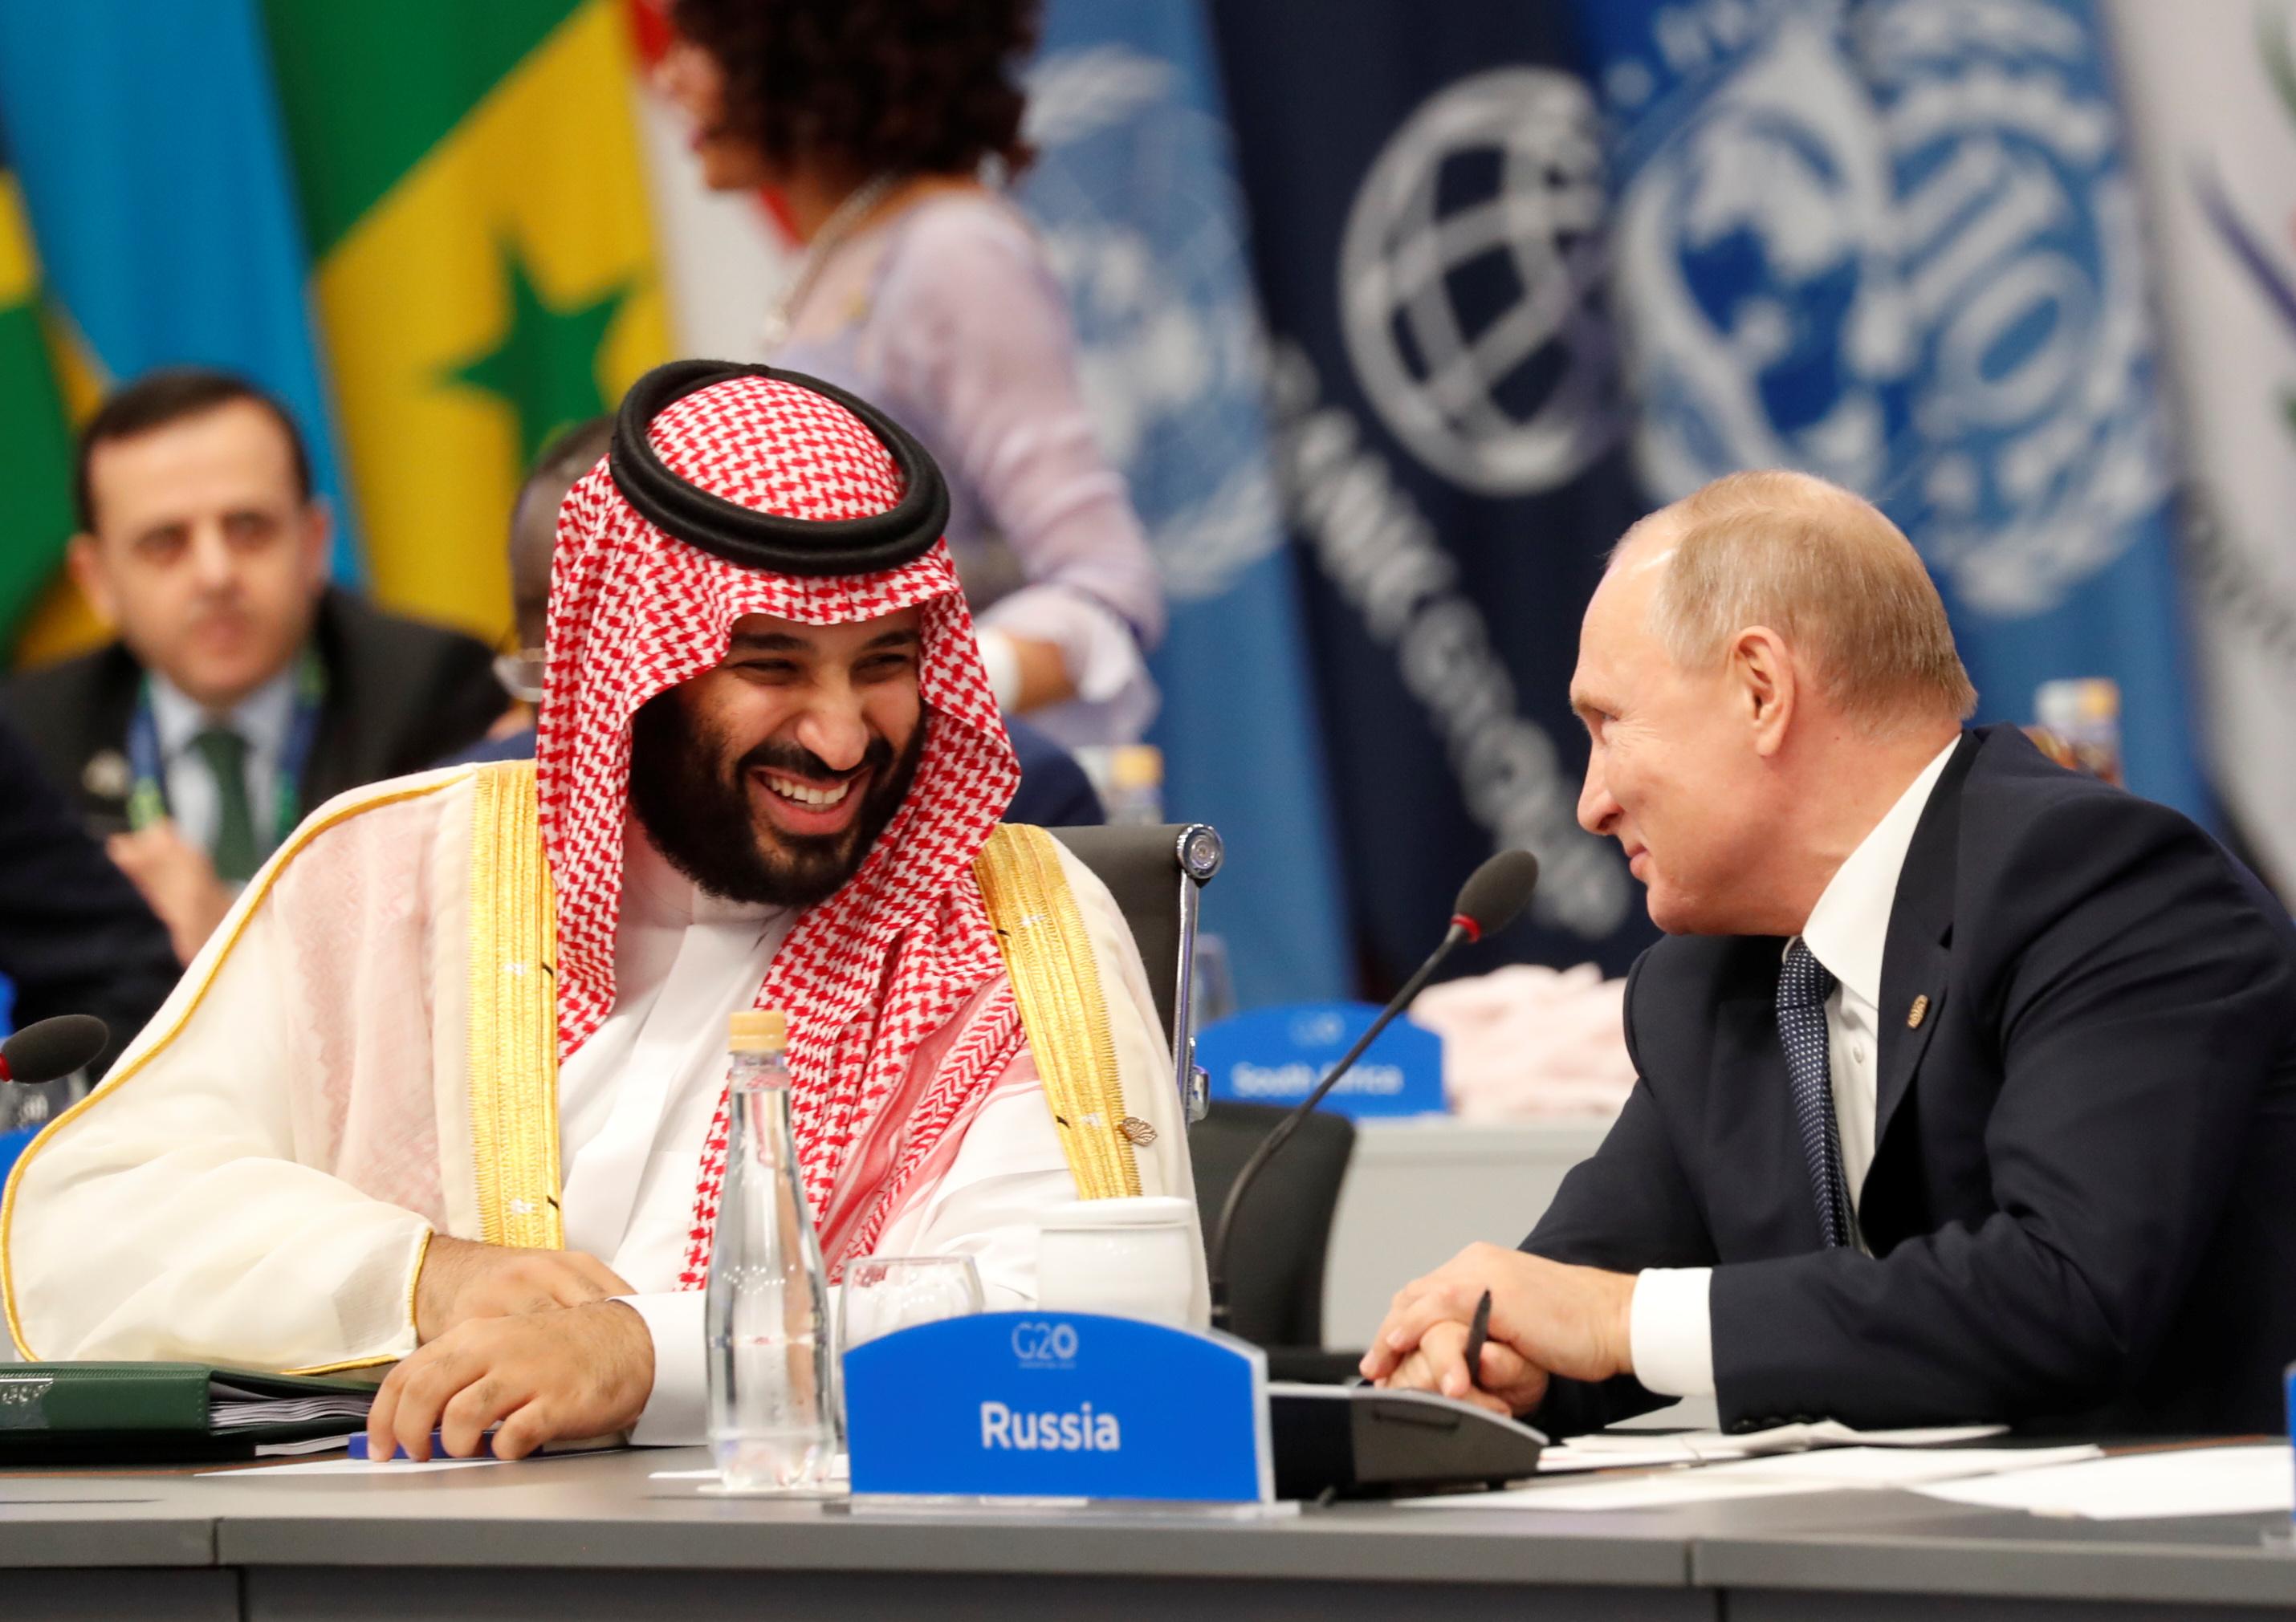 ولي العهد محمد بن سلمان والرئيس الروسي فلاديمير بوتين